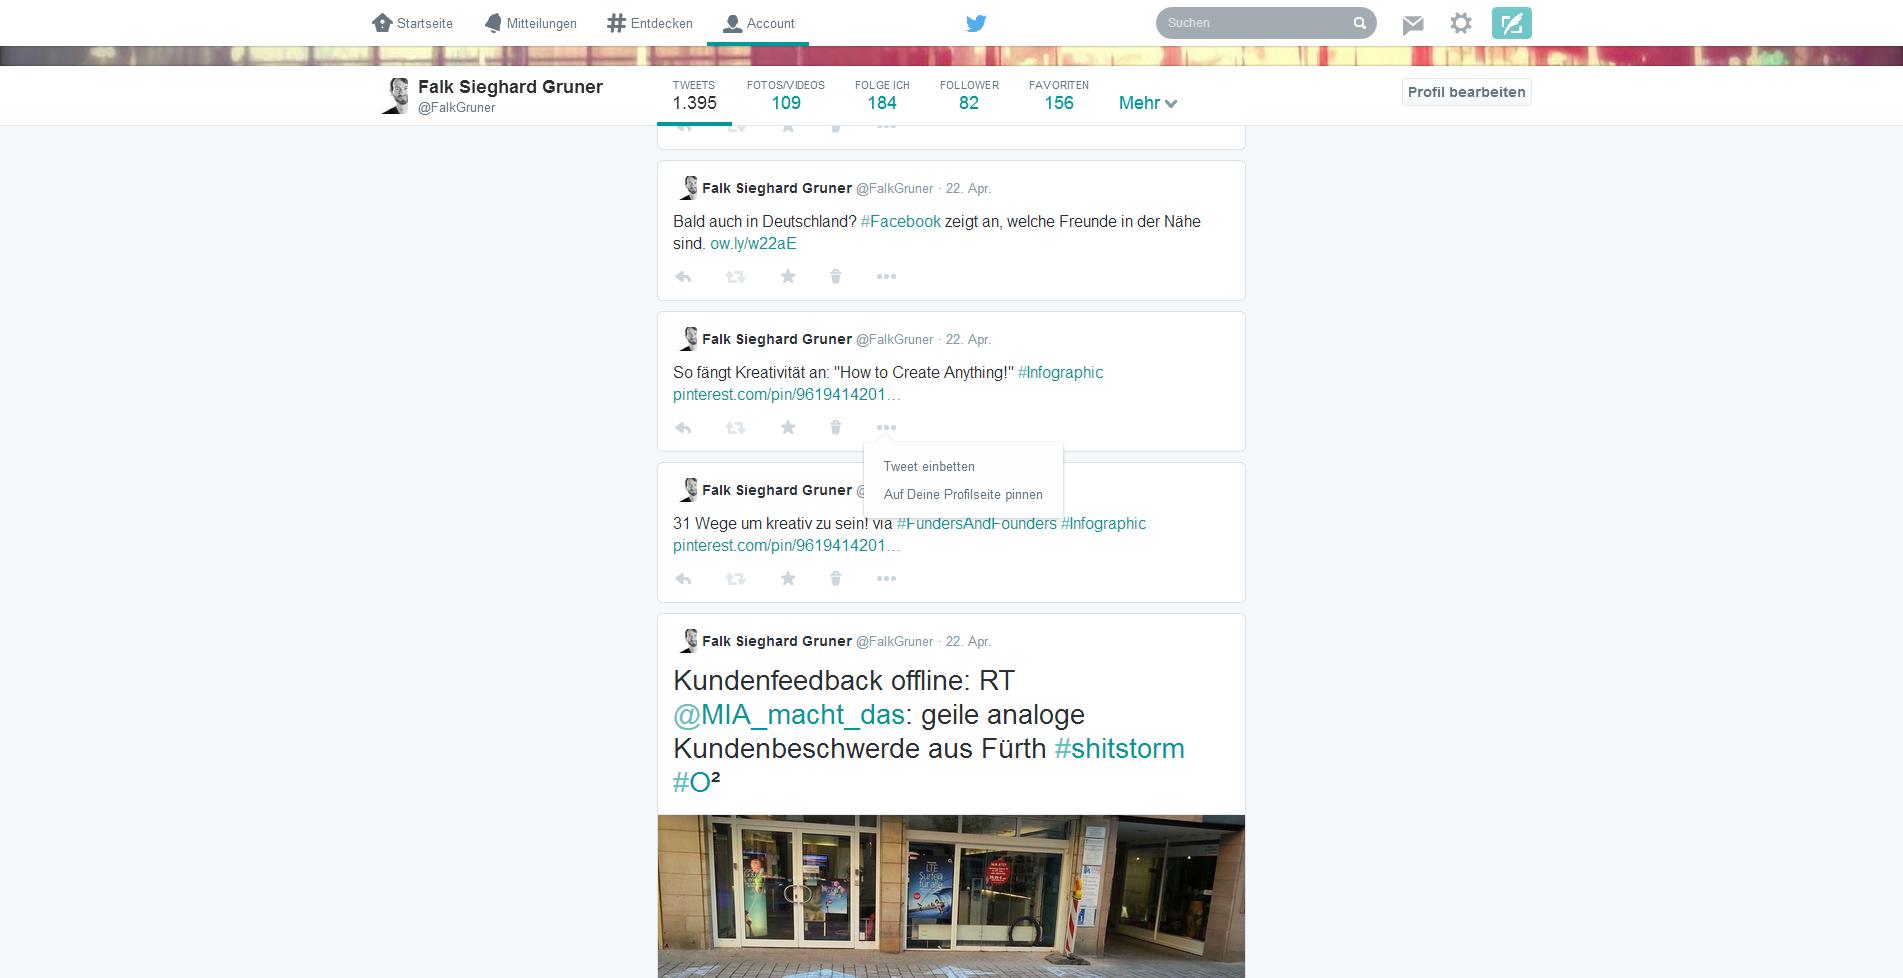 Twitter - relevante Tweets im neuen Design